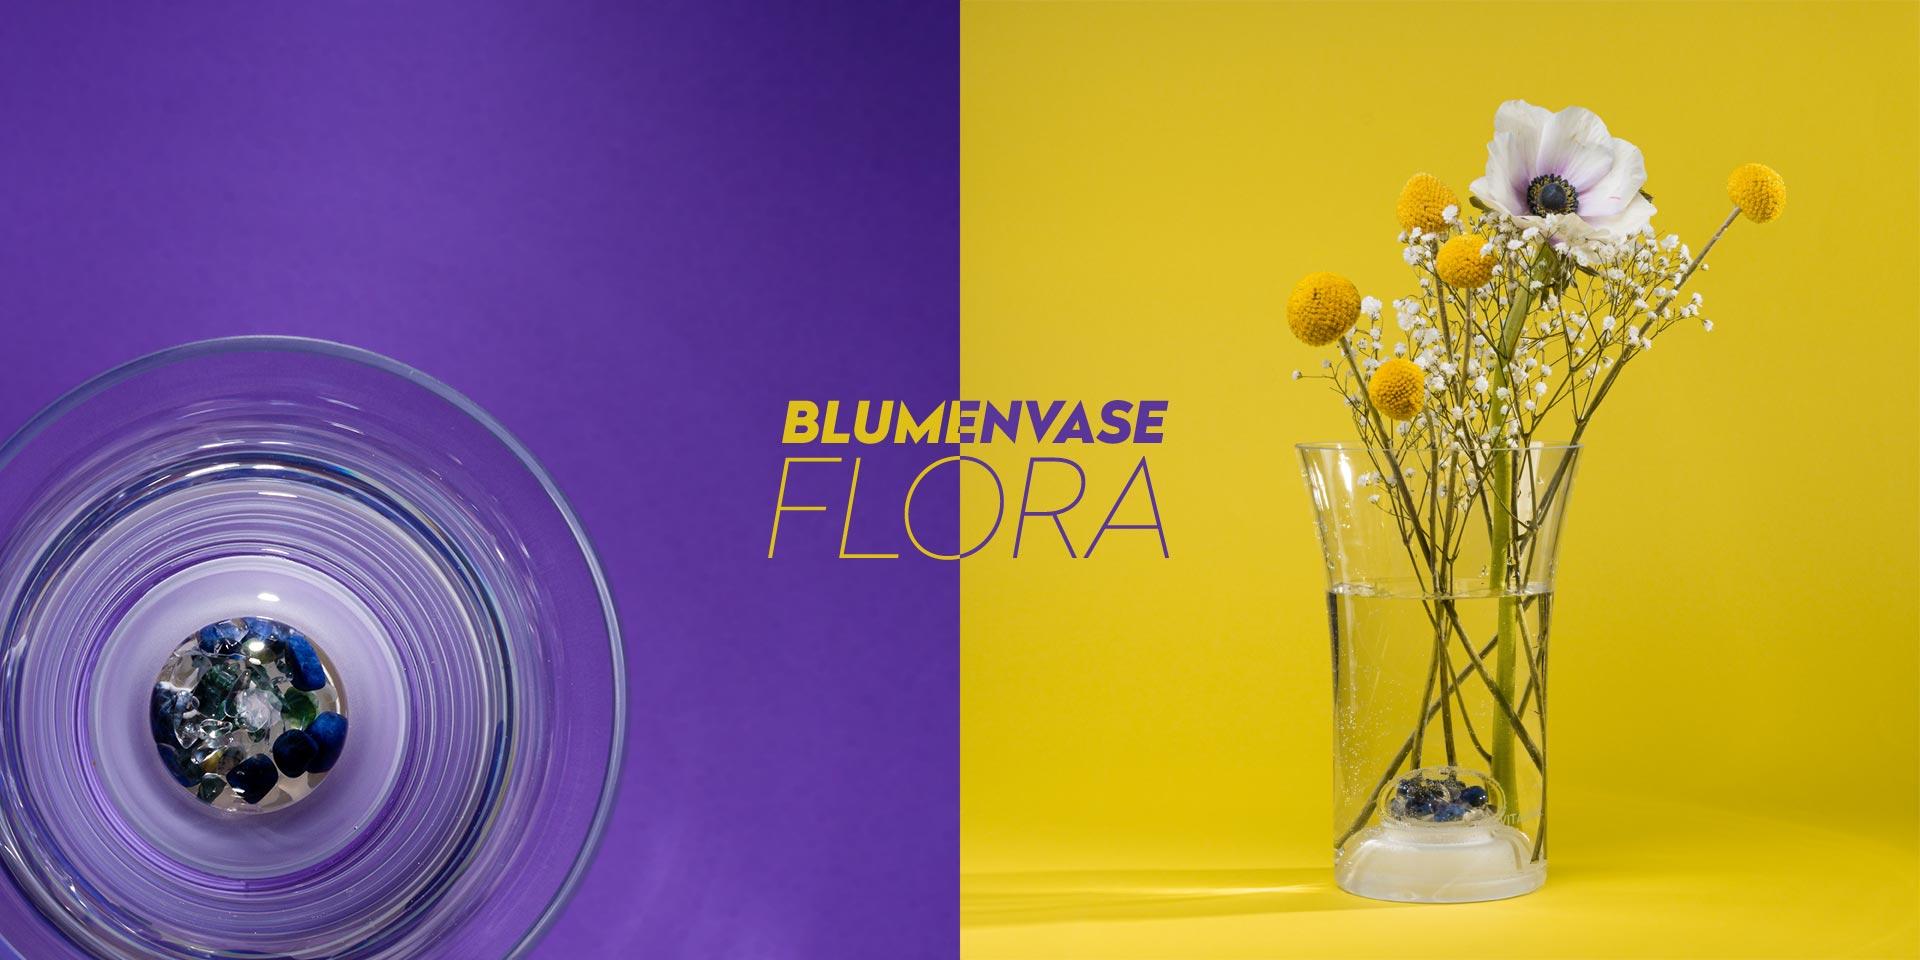 vitajuwel blumenvase flora glas edelsteine